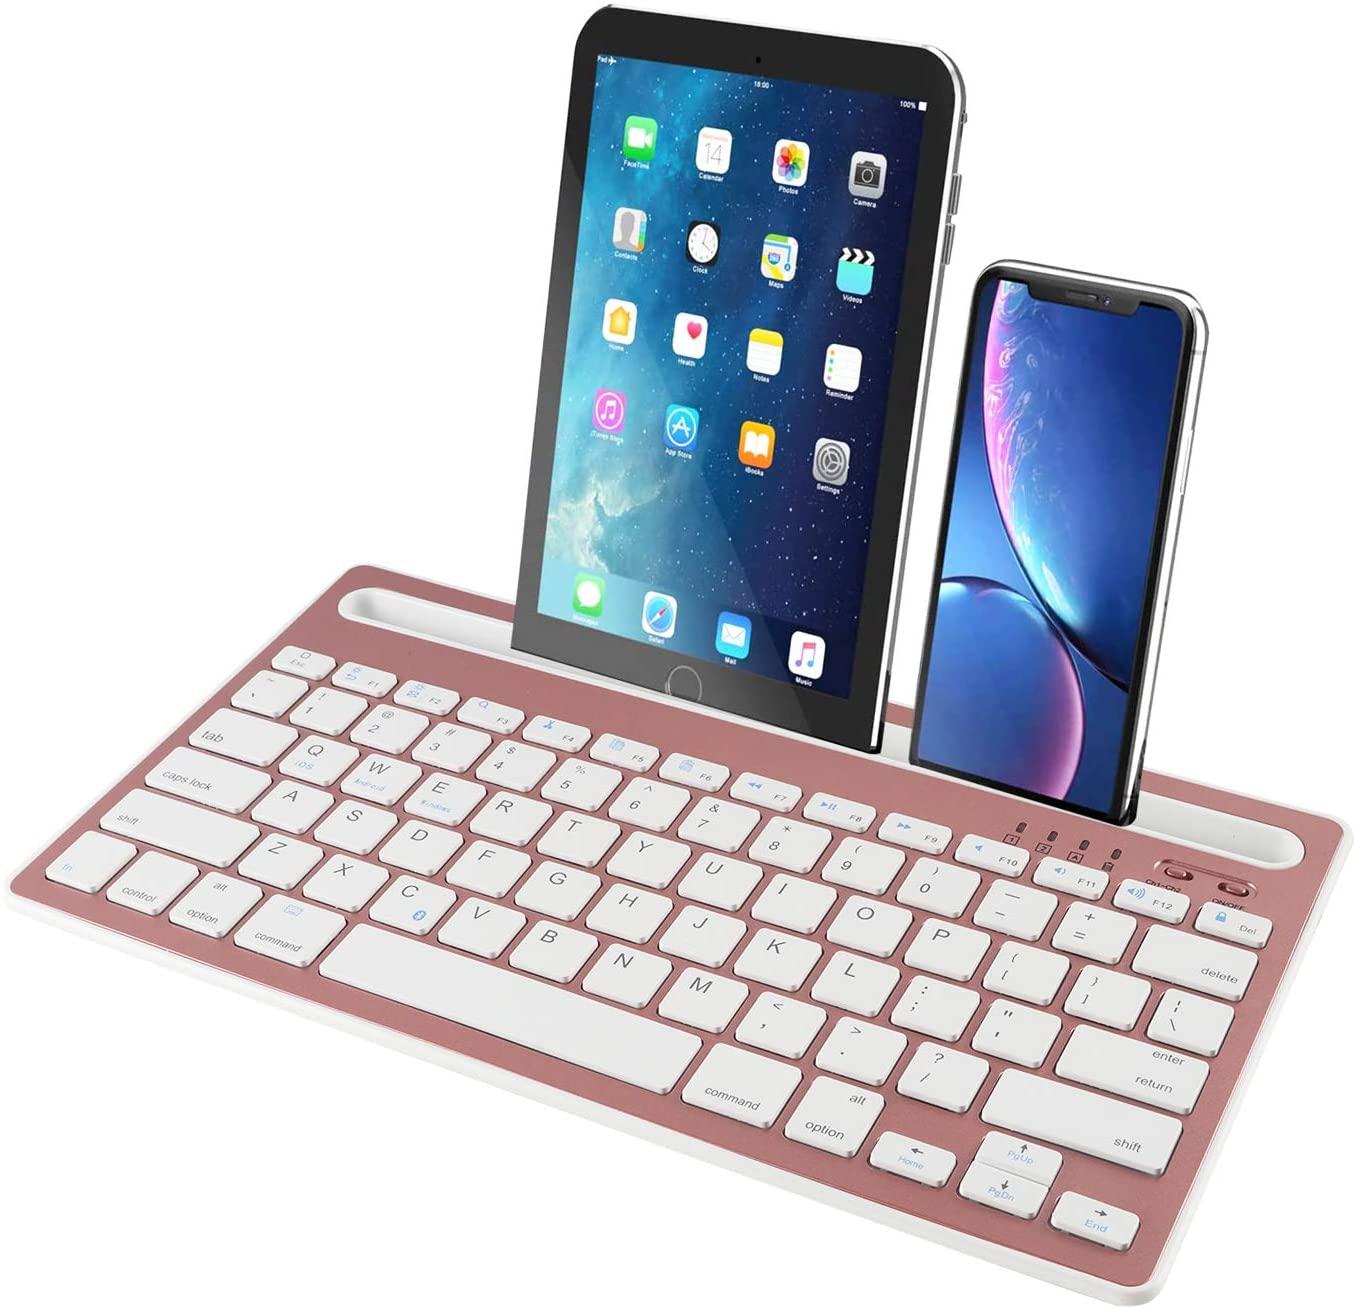 COOLAY(クーレイ) マルチペアリング Bluetoothキーボードの商品画像